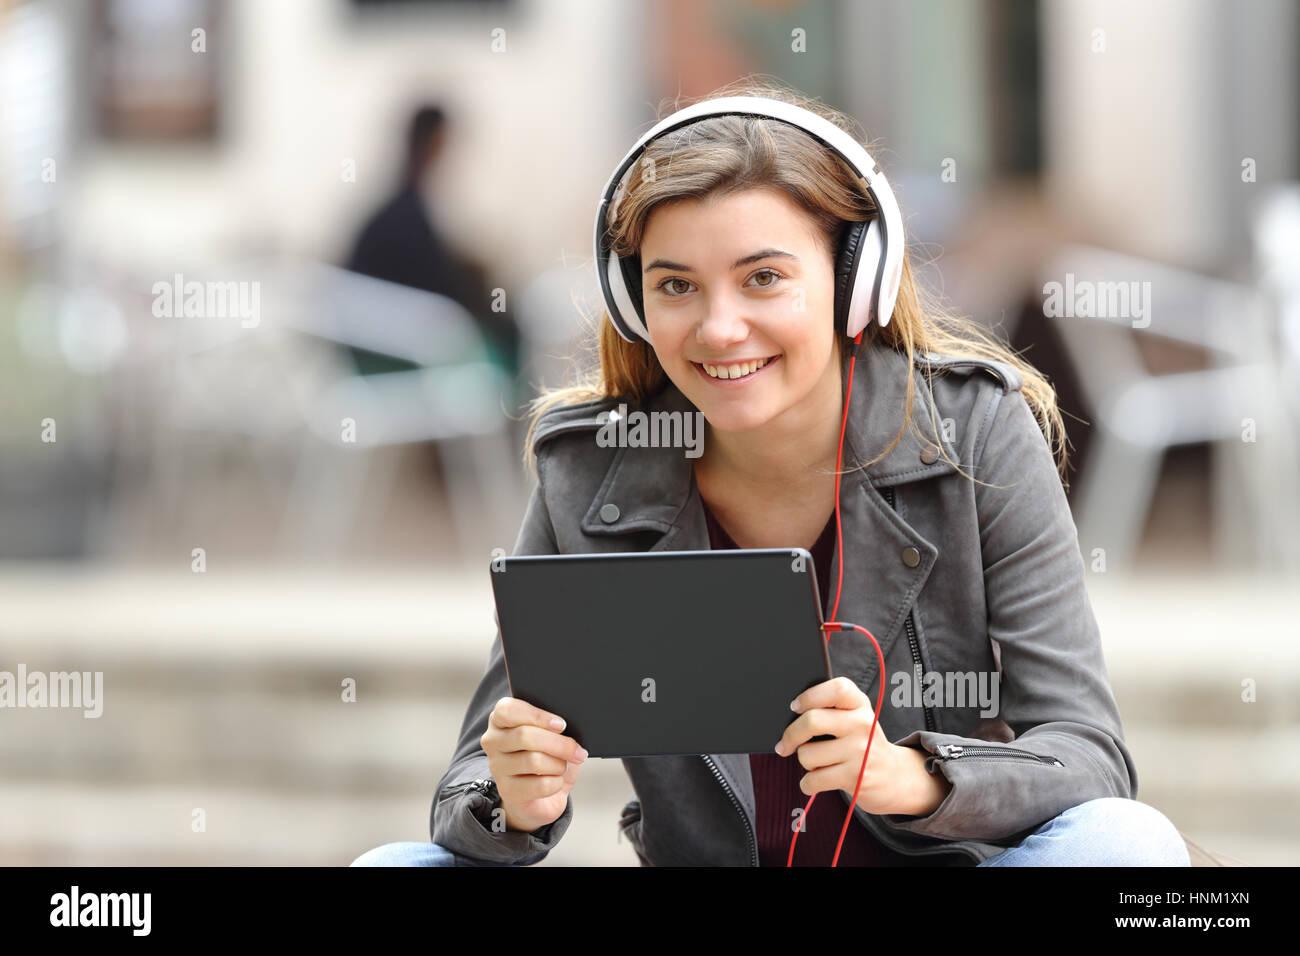 In Panchina Con Le Cuffie   Bella ragazza ascolto di musica con cuffie e  tablet guardando 369141506a32